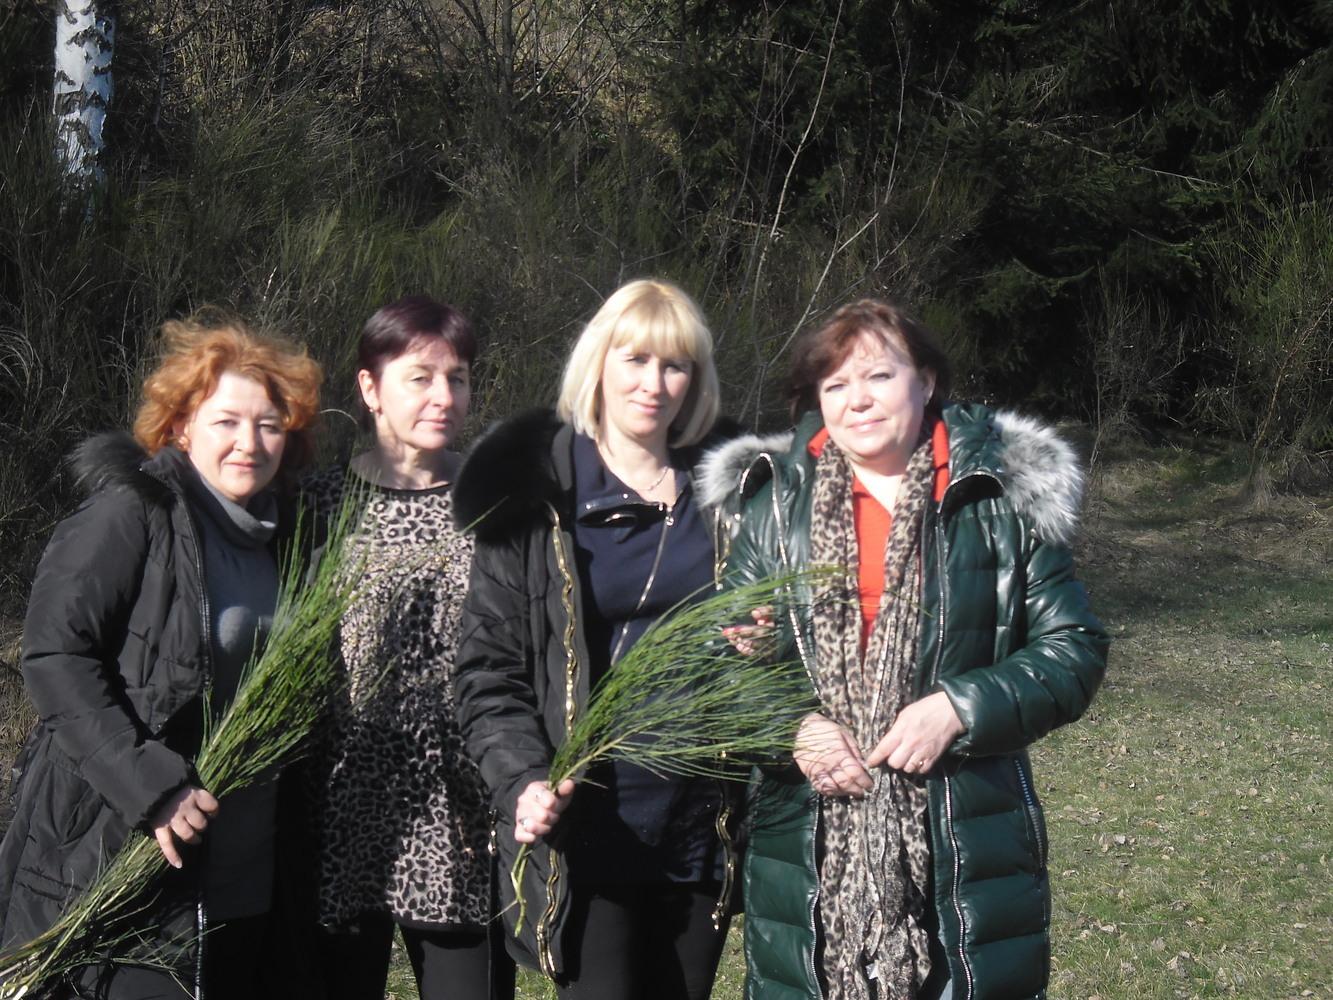 14 березня Image: 8 марта 2015 года в Берегово / Лариса и Татьяна